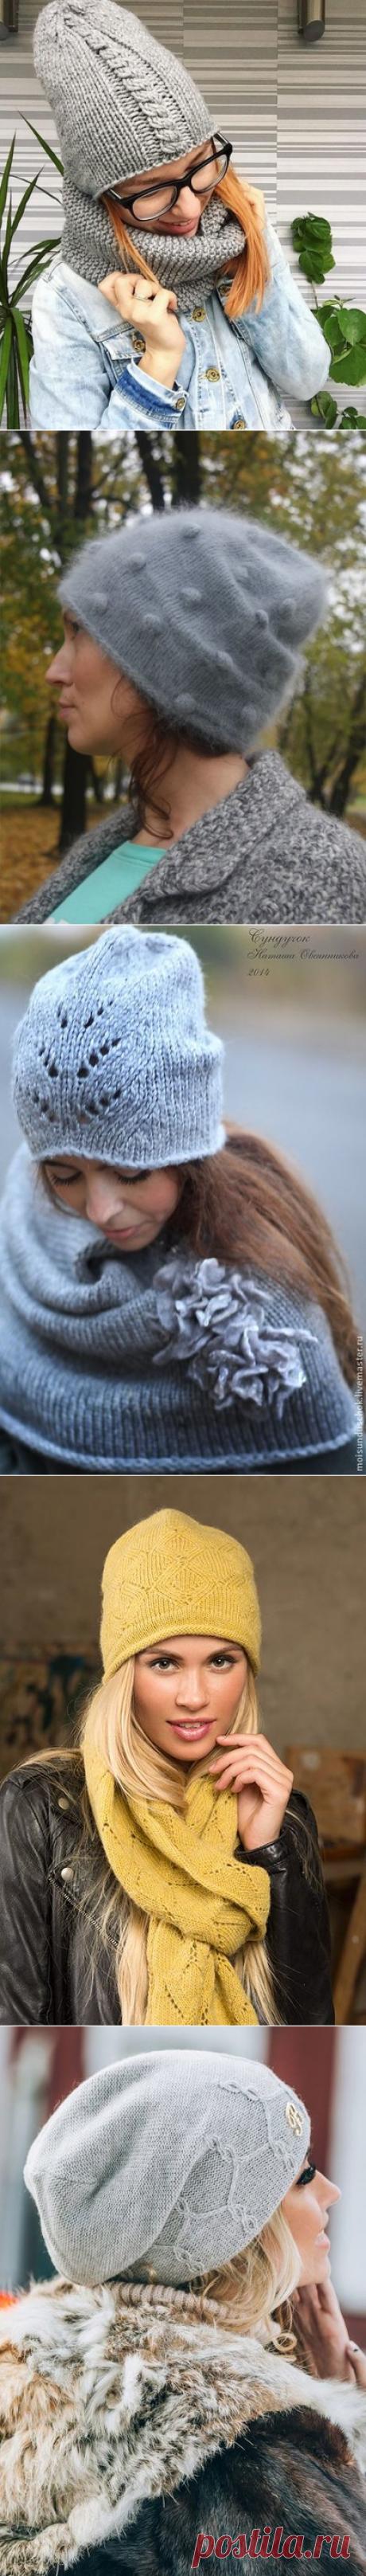 Популярные шапки бини | Вязальный роман | Яндекс Дзен